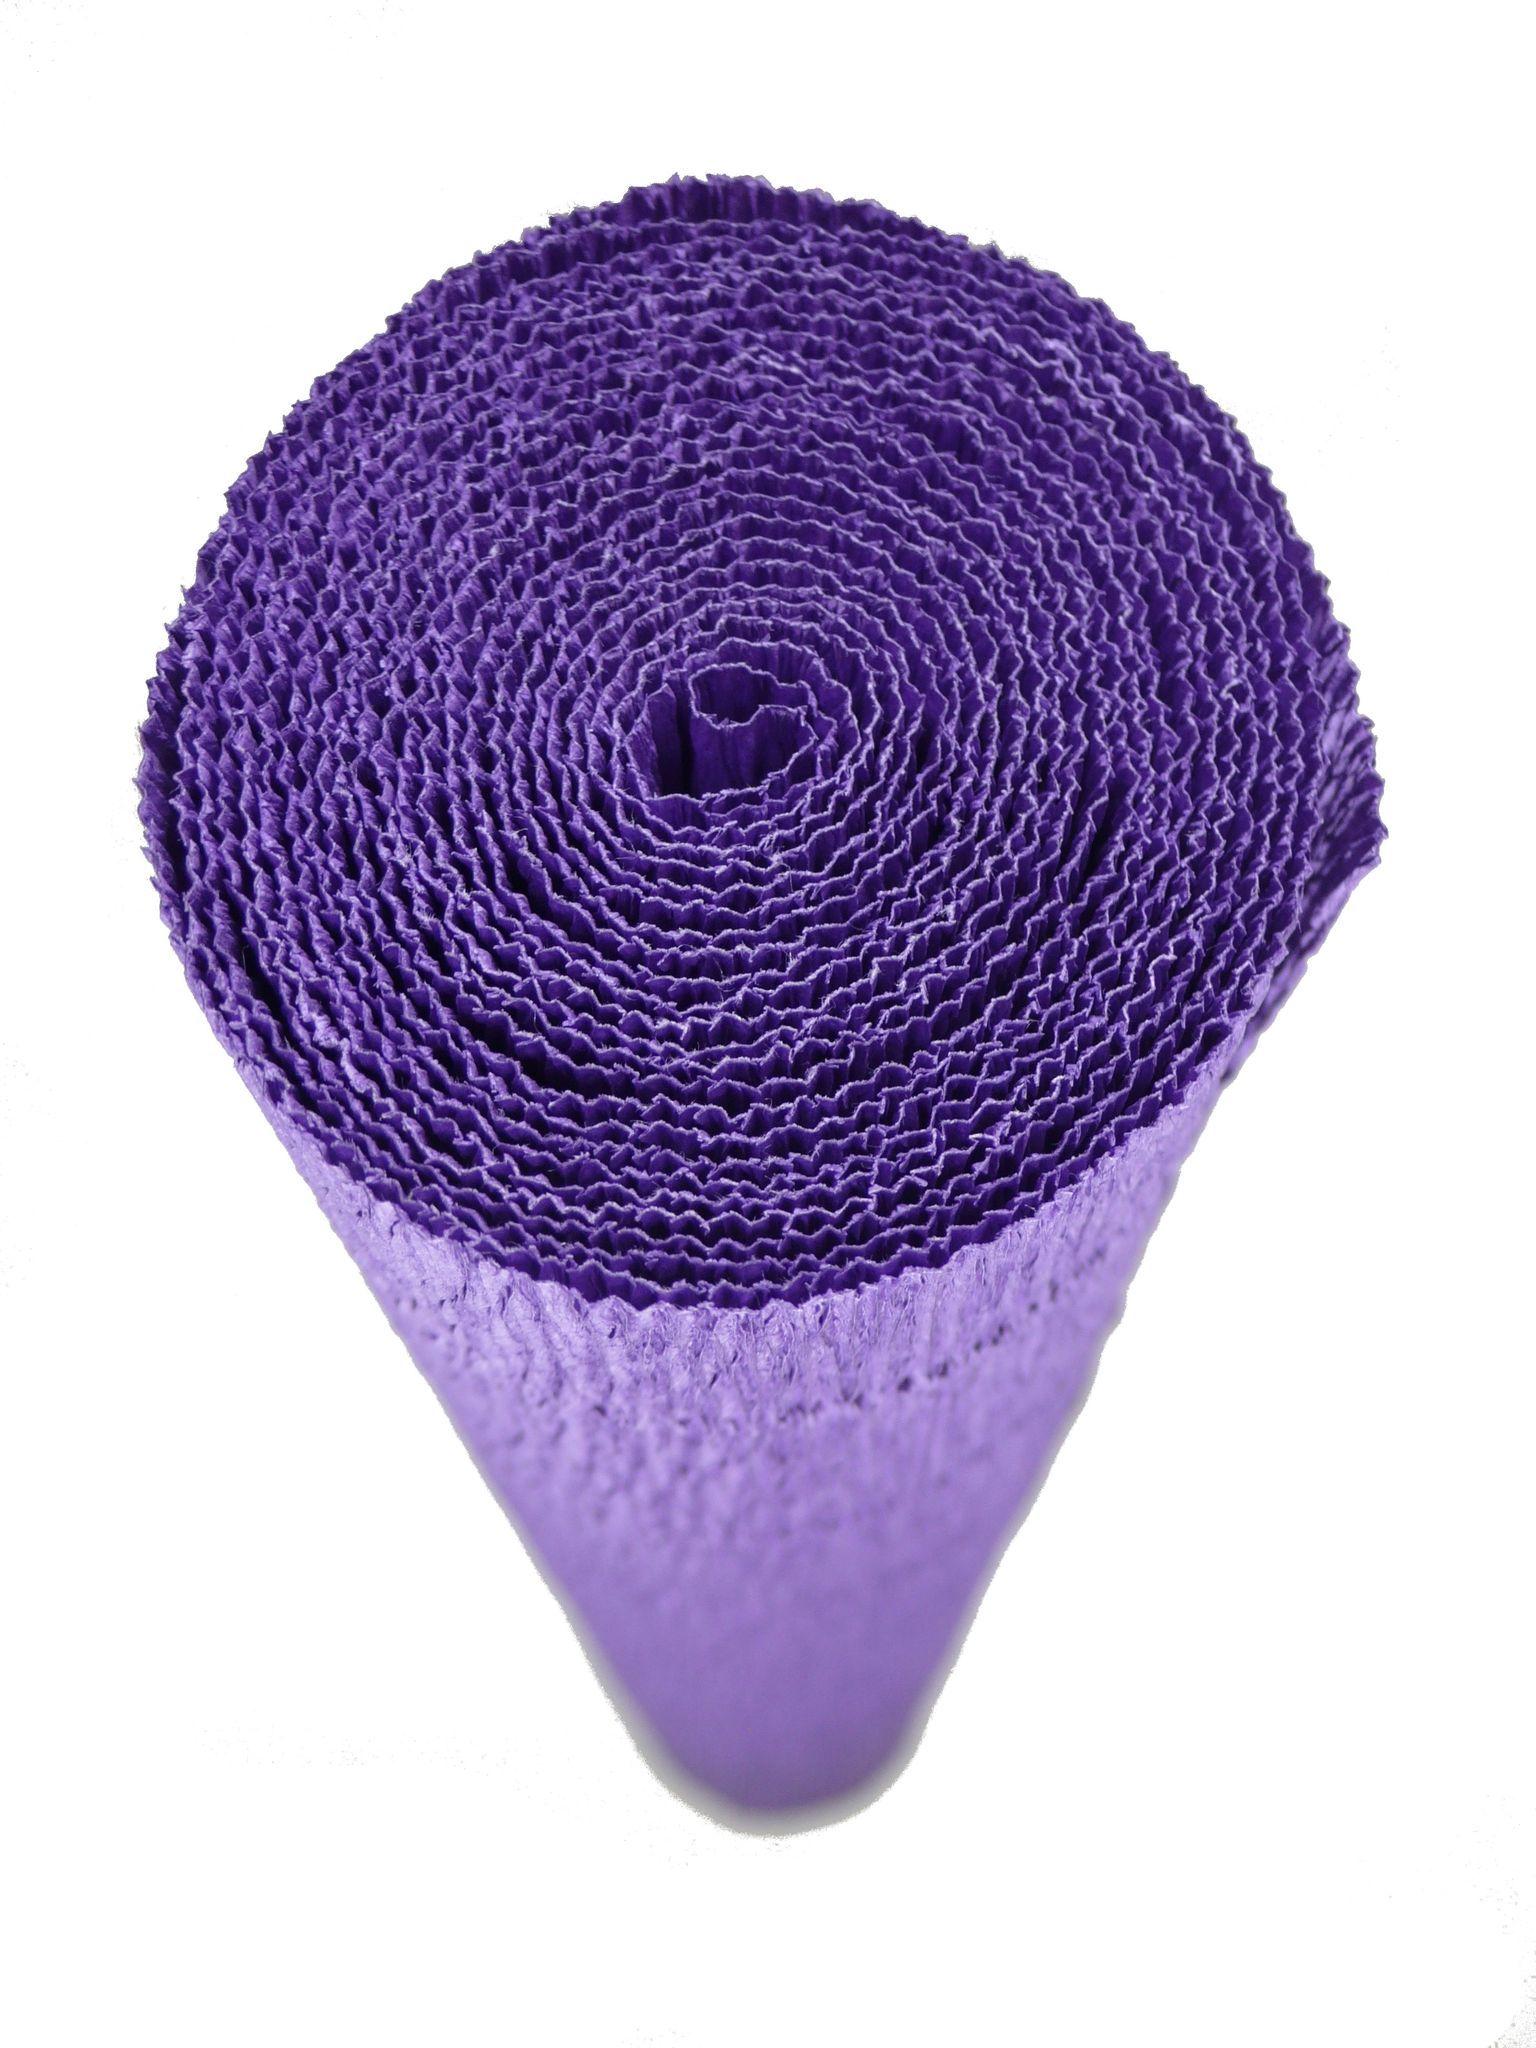 Premium Colored Crepe Paper Violet Top Quality Italian Paper Craft